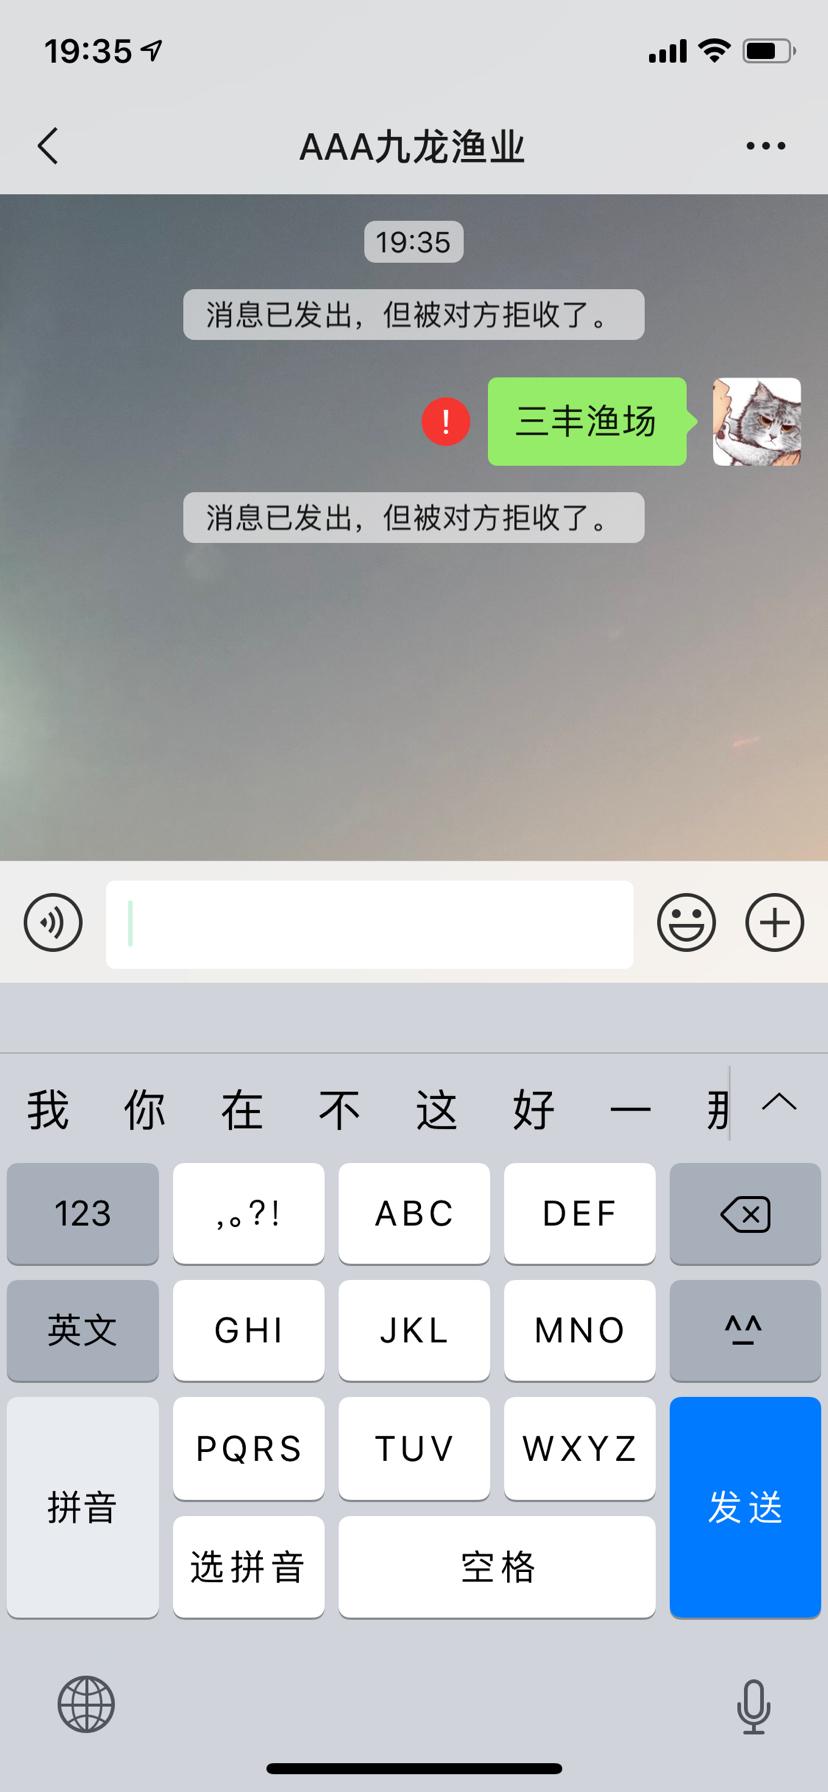 【西安亚克力鱼缸】三丰渔业招摇 西安龙鱼论坛 西安博特第1张